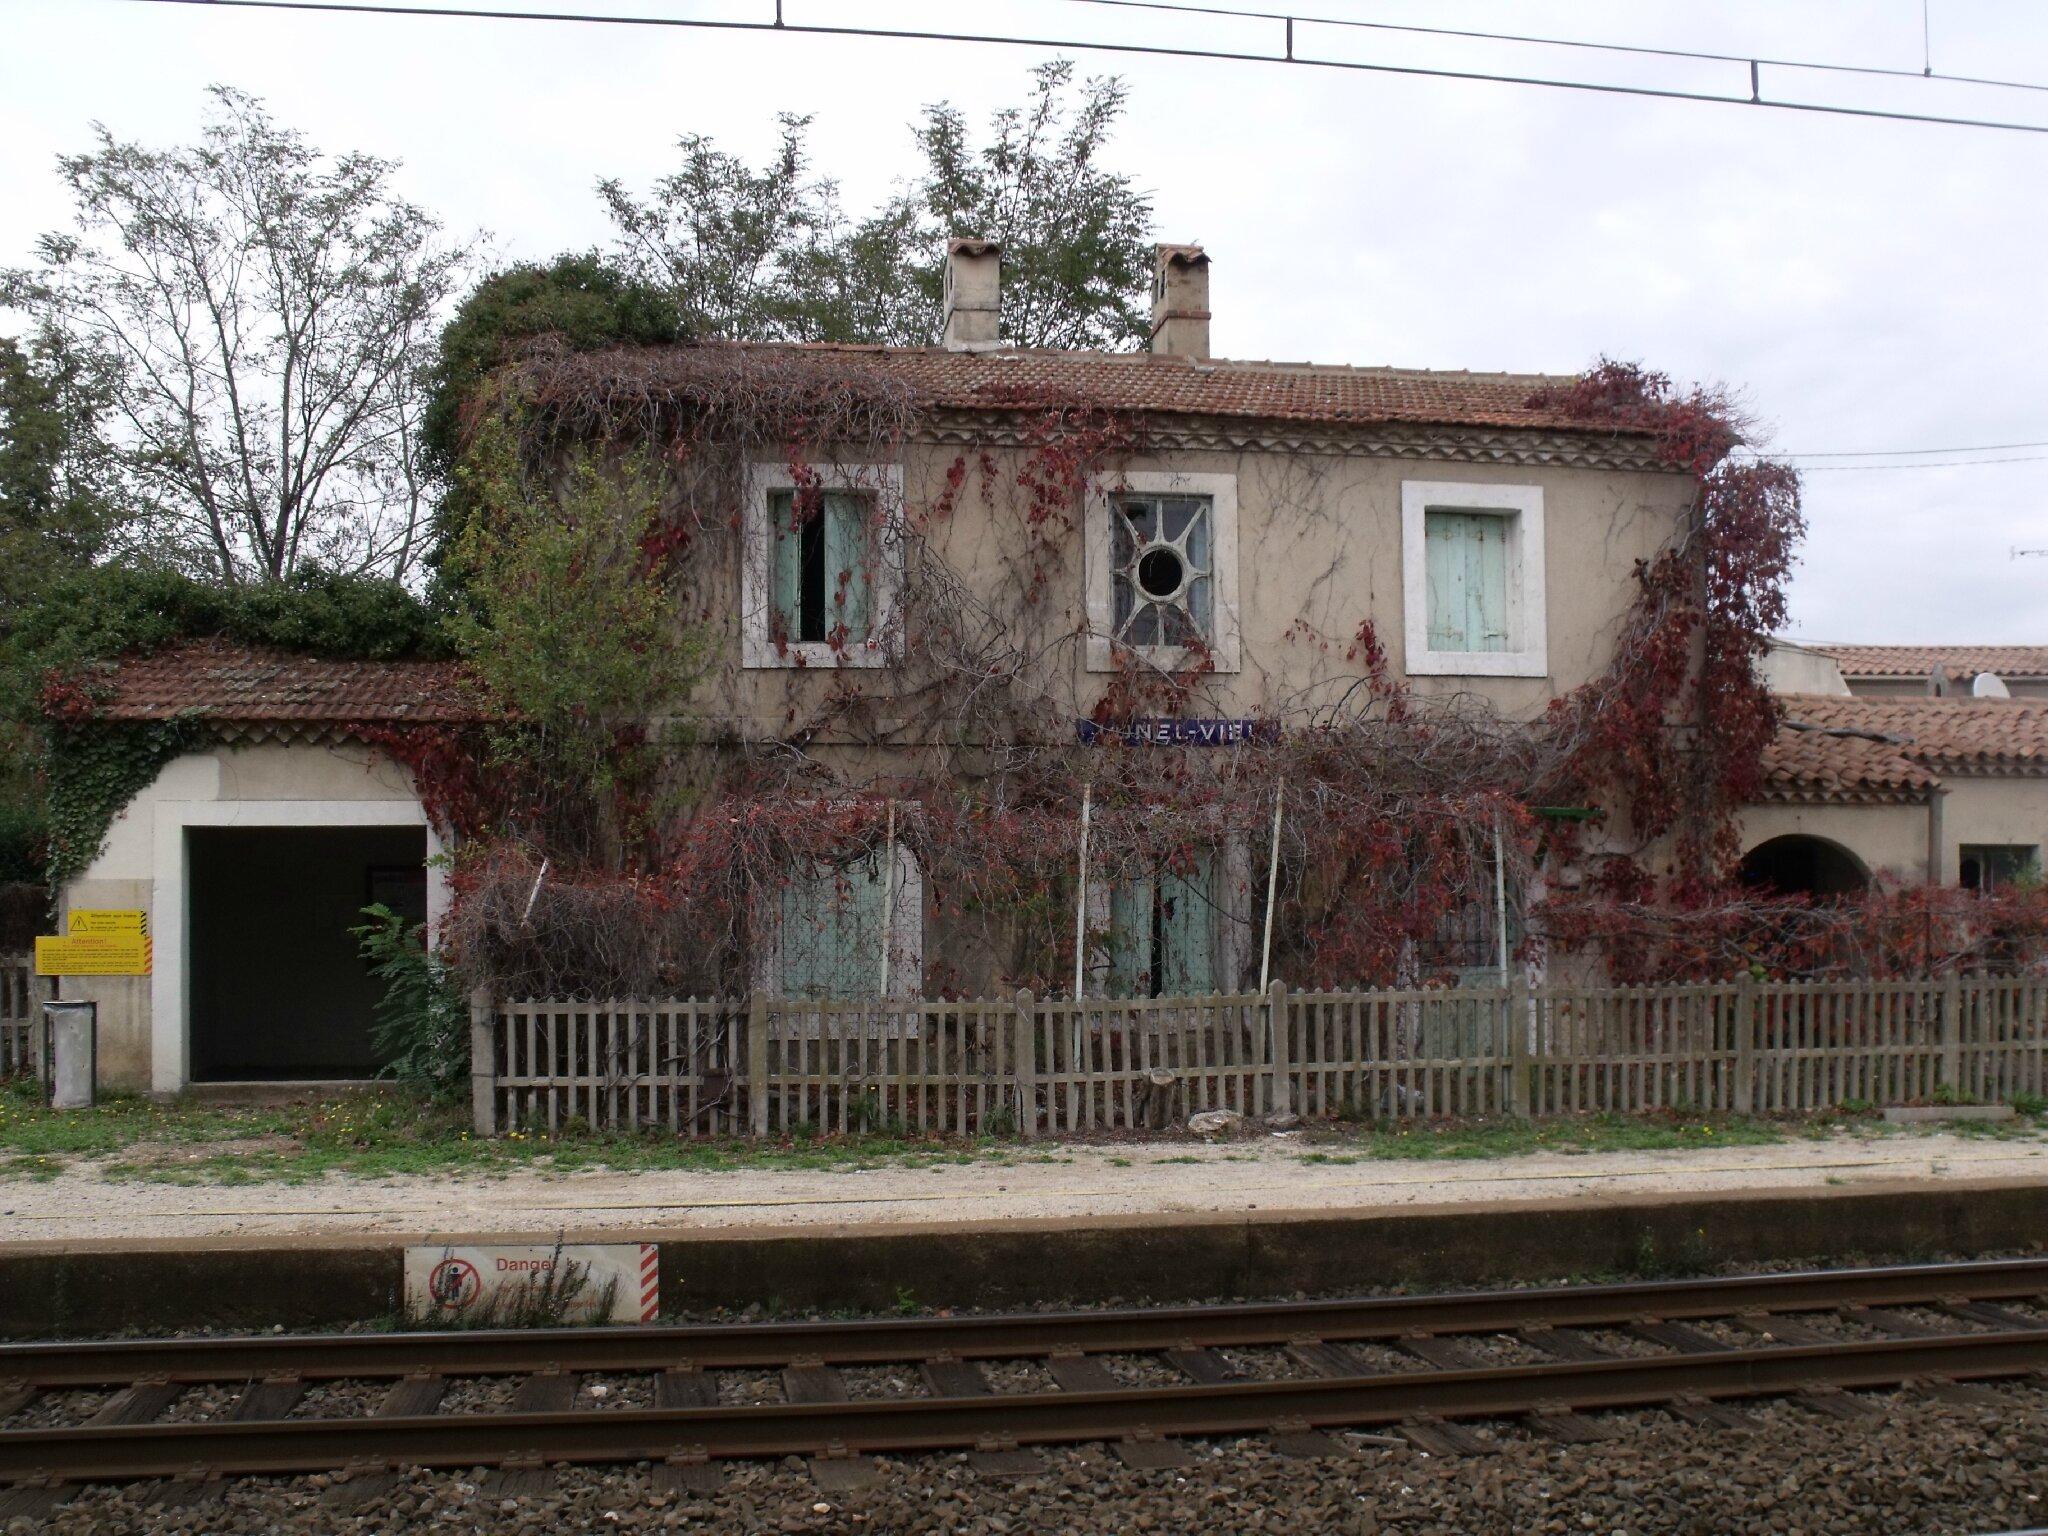 Lunel-Viel (Hérault - 34)